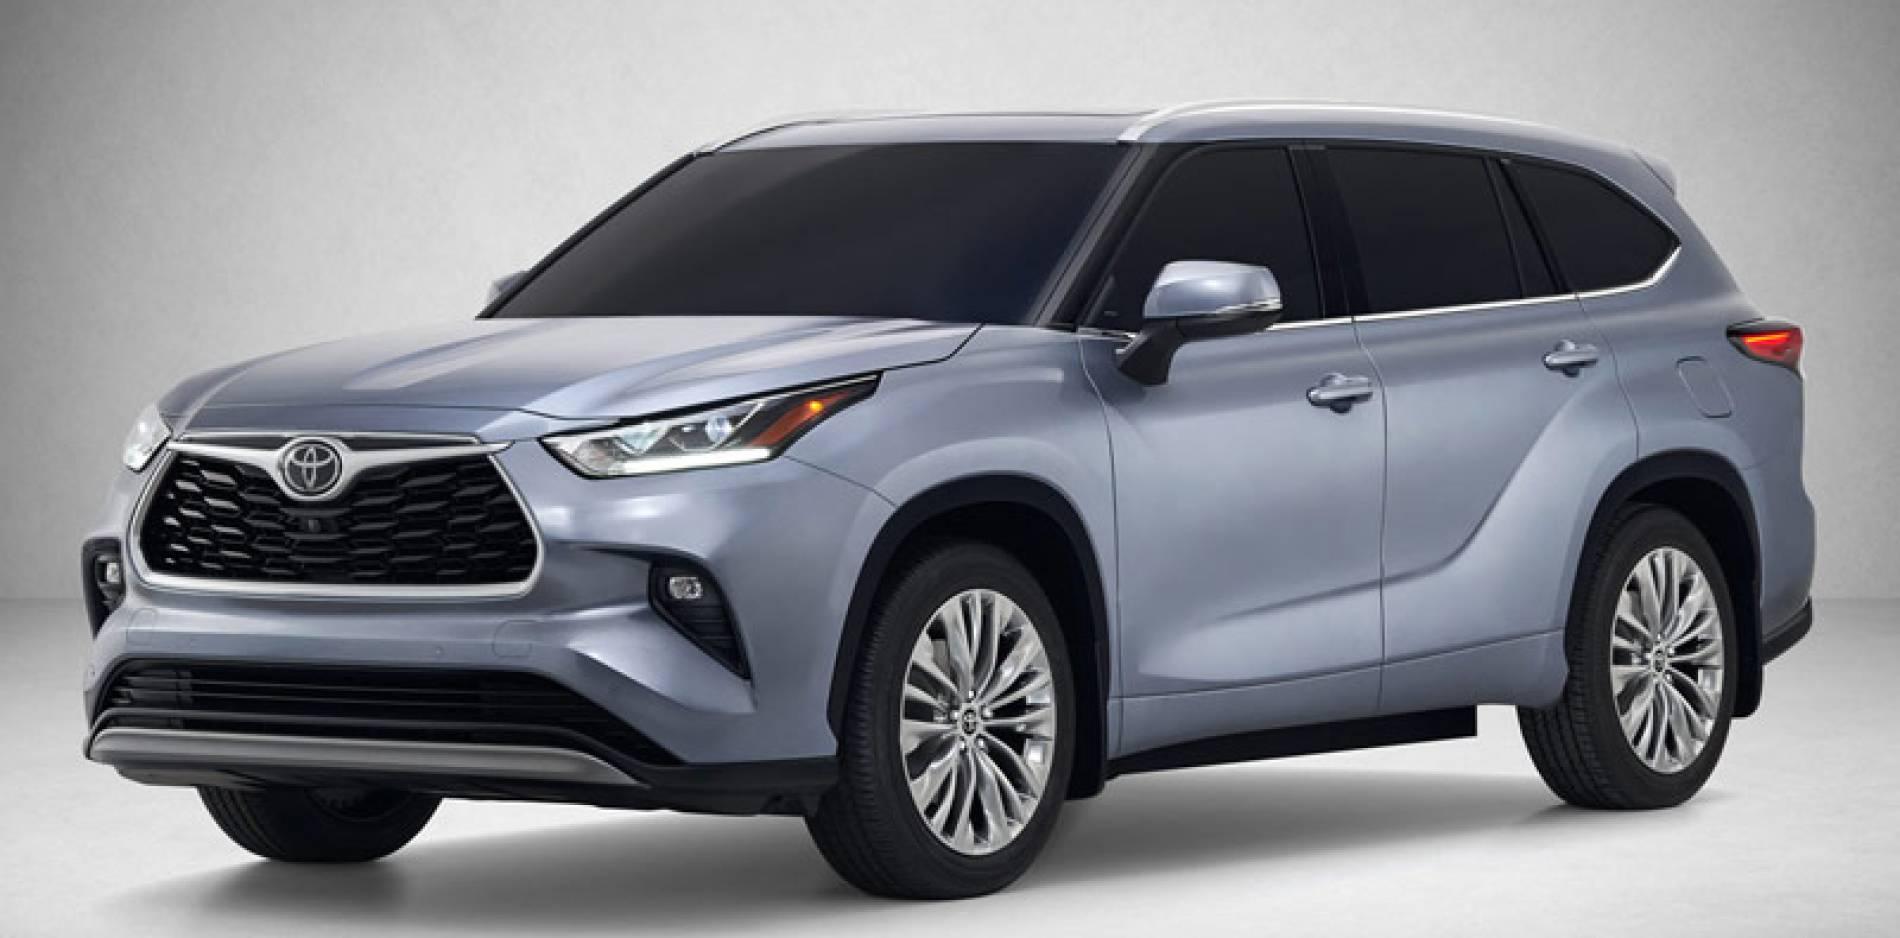 El Toyota Highlander llega con hasta 8 asientos disponibles